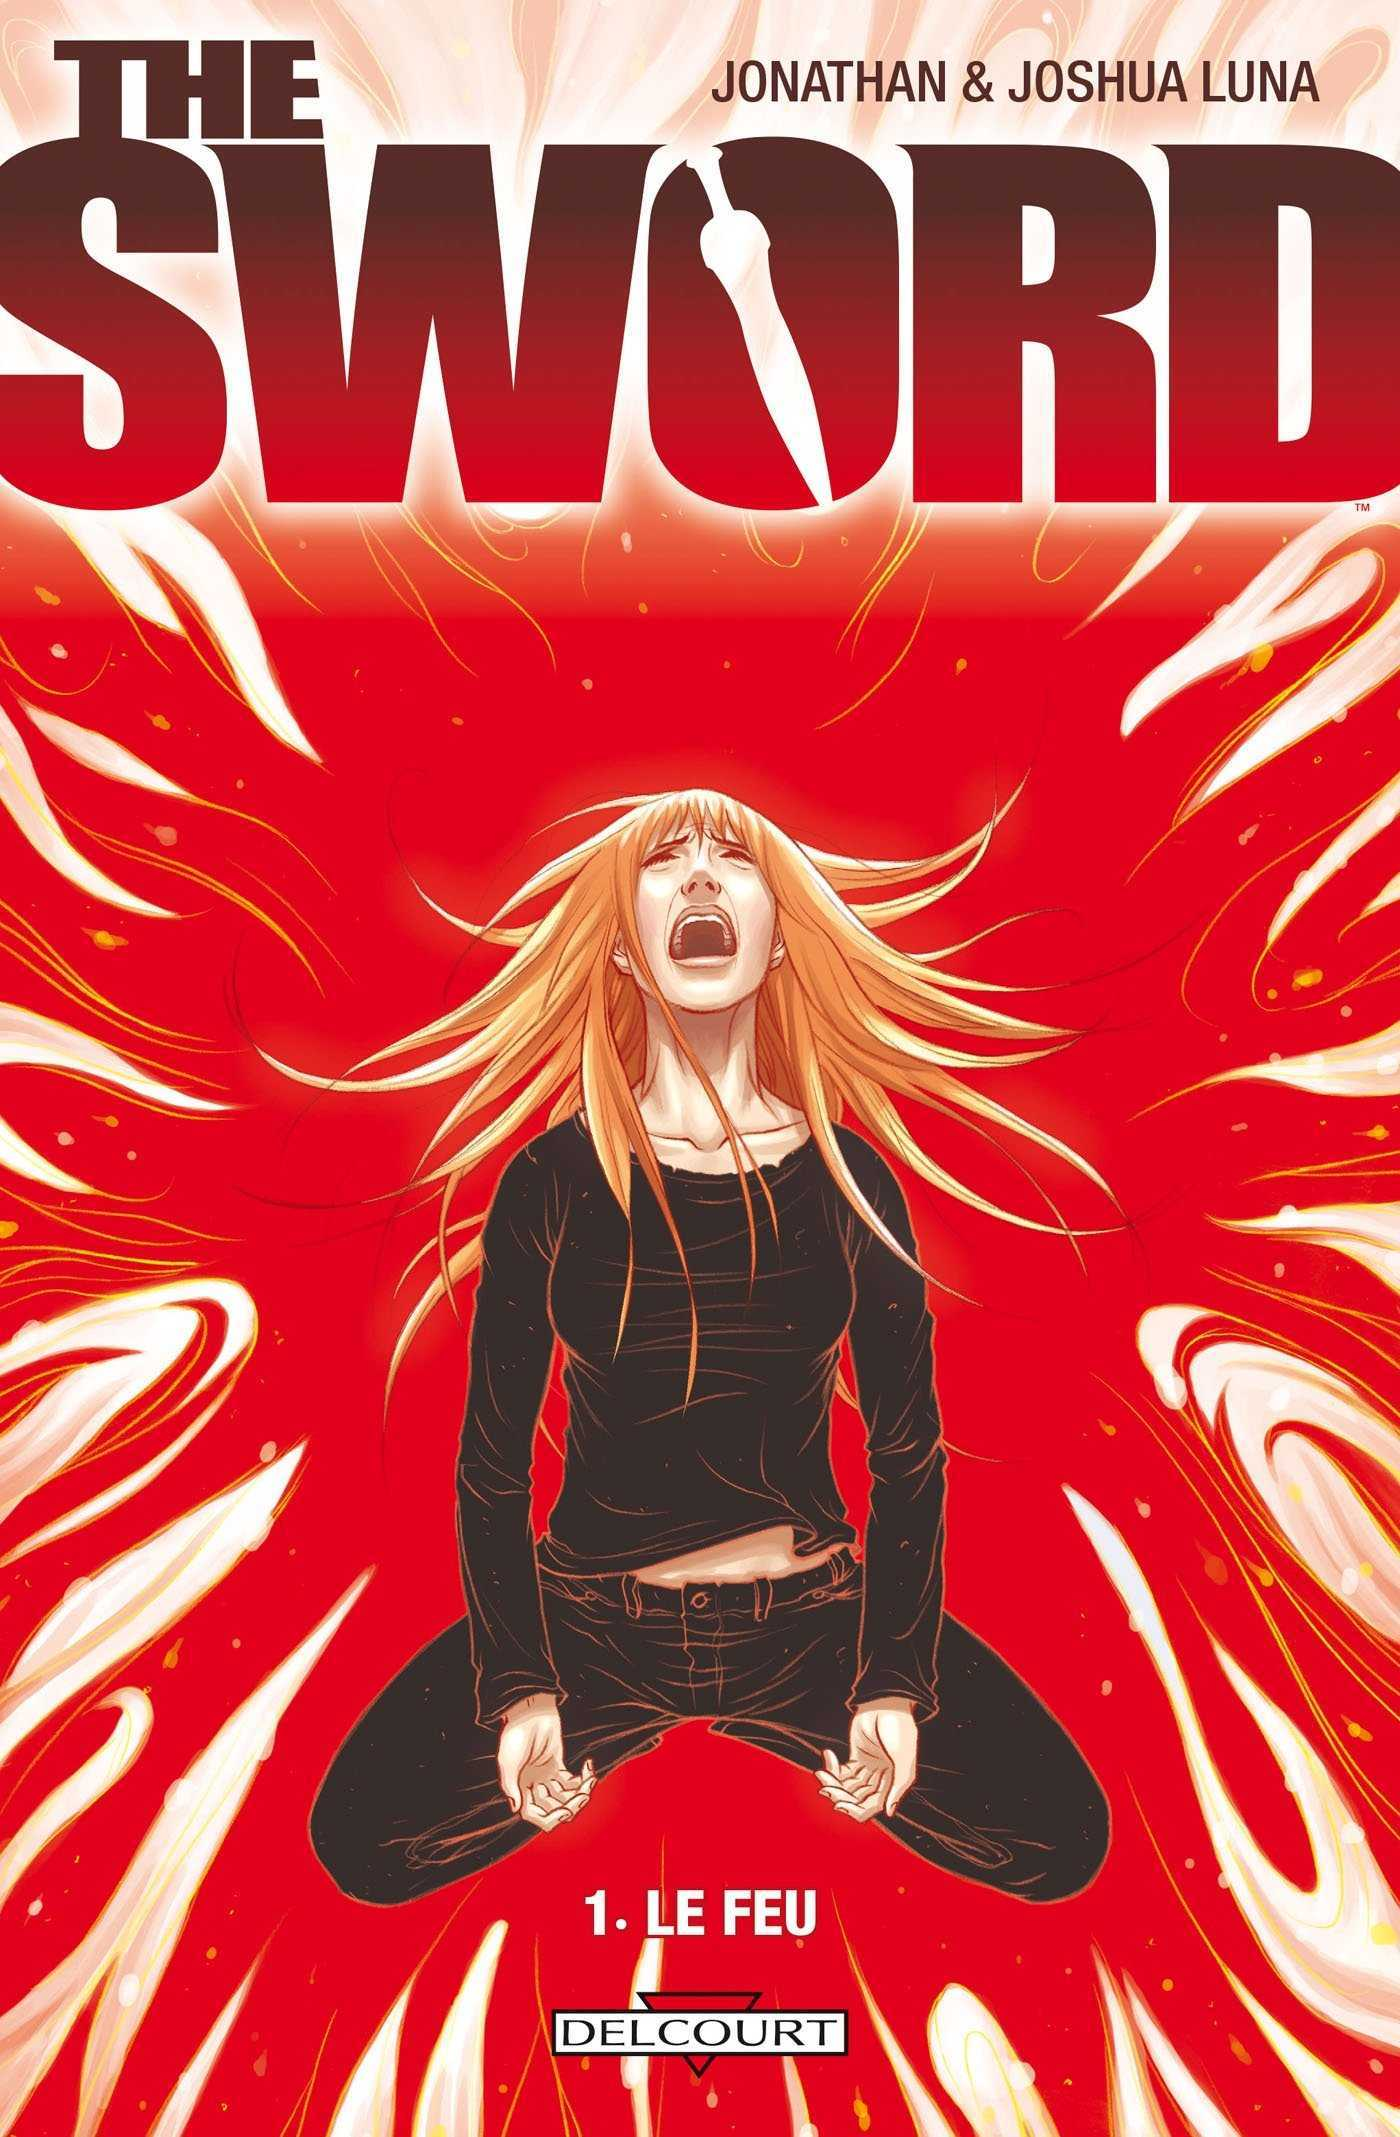 The Sword, un glaive magique pour sauver l'humanité